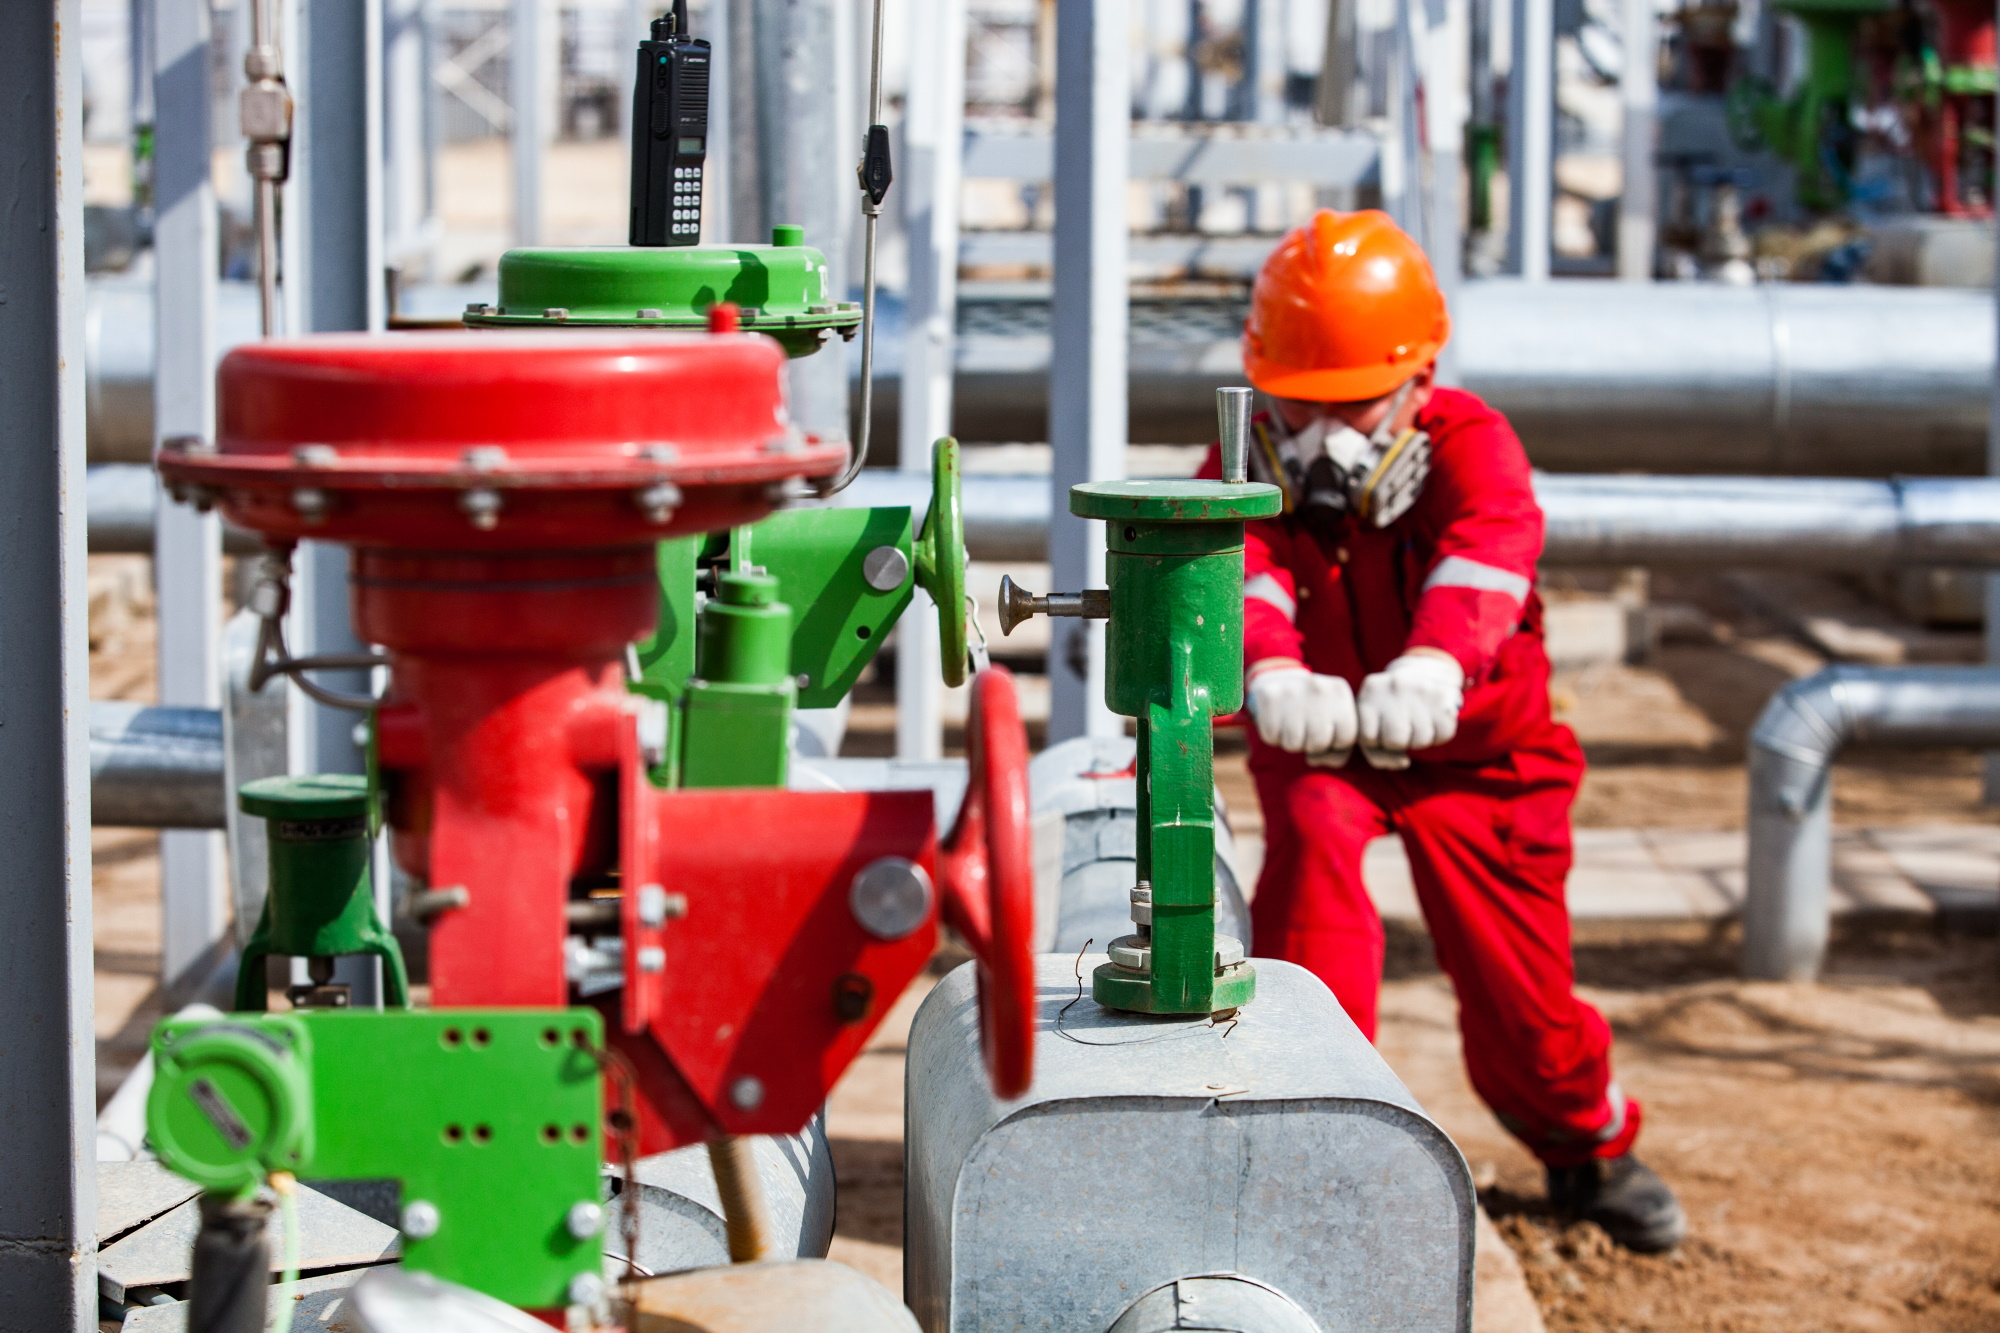 Dzięki inwestycjom chińscy państwowi giganci zdołali odwrócić długotrwały spadek krajowego wydobycia ropy naftowej. Fot. Shutterstock